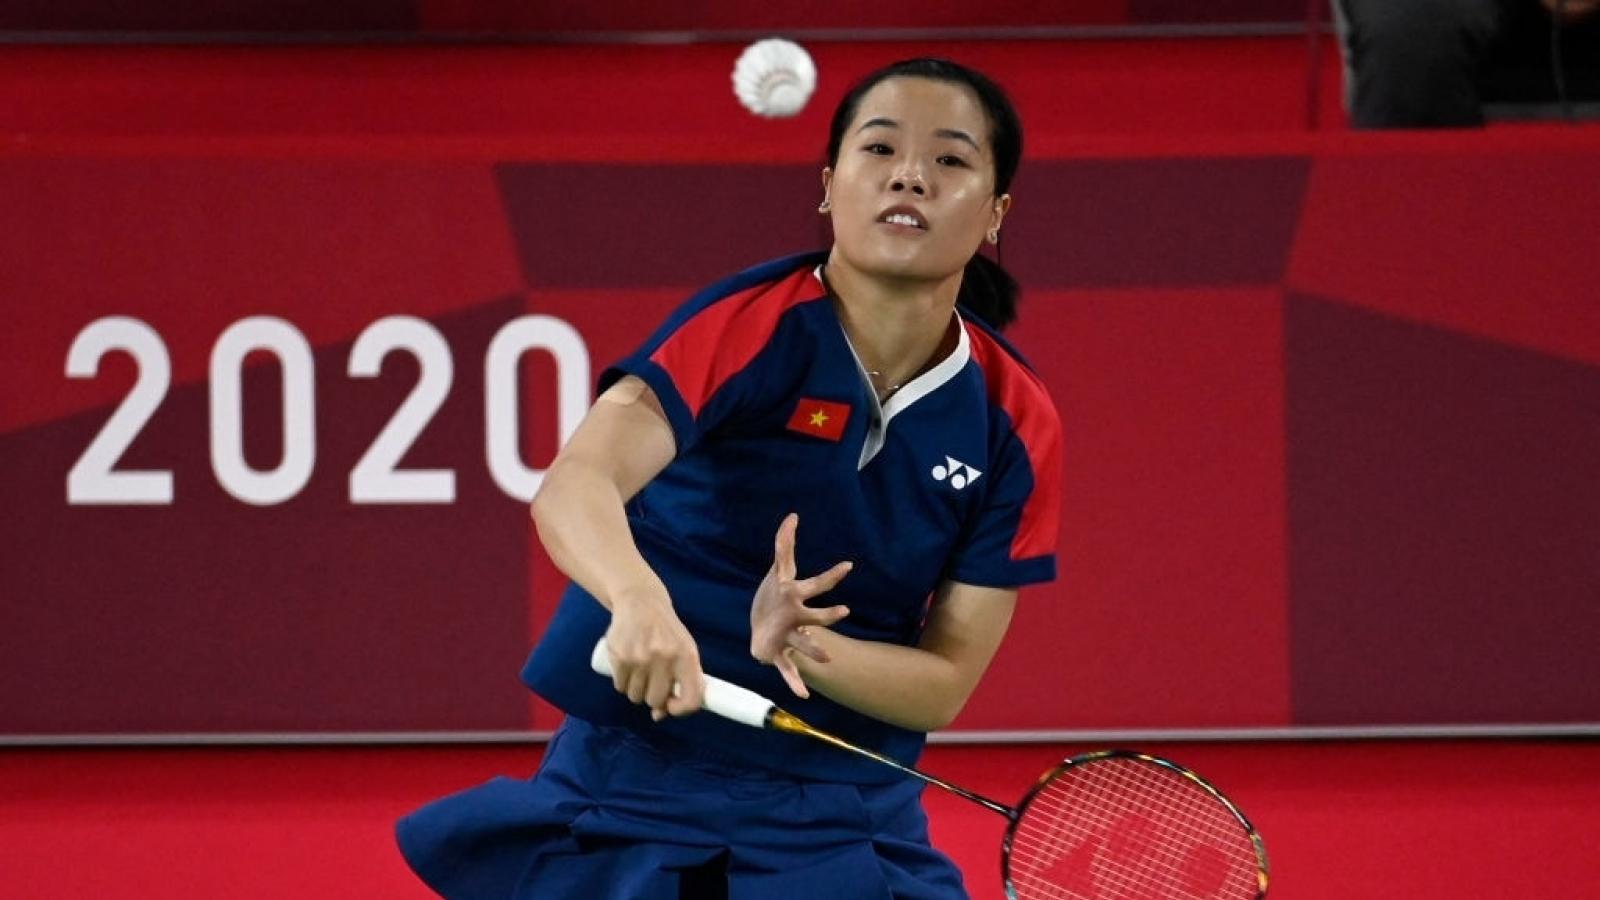 Thùy Linh lập kỷ lục mới cho cầu lông Việt Nam ở Olympic